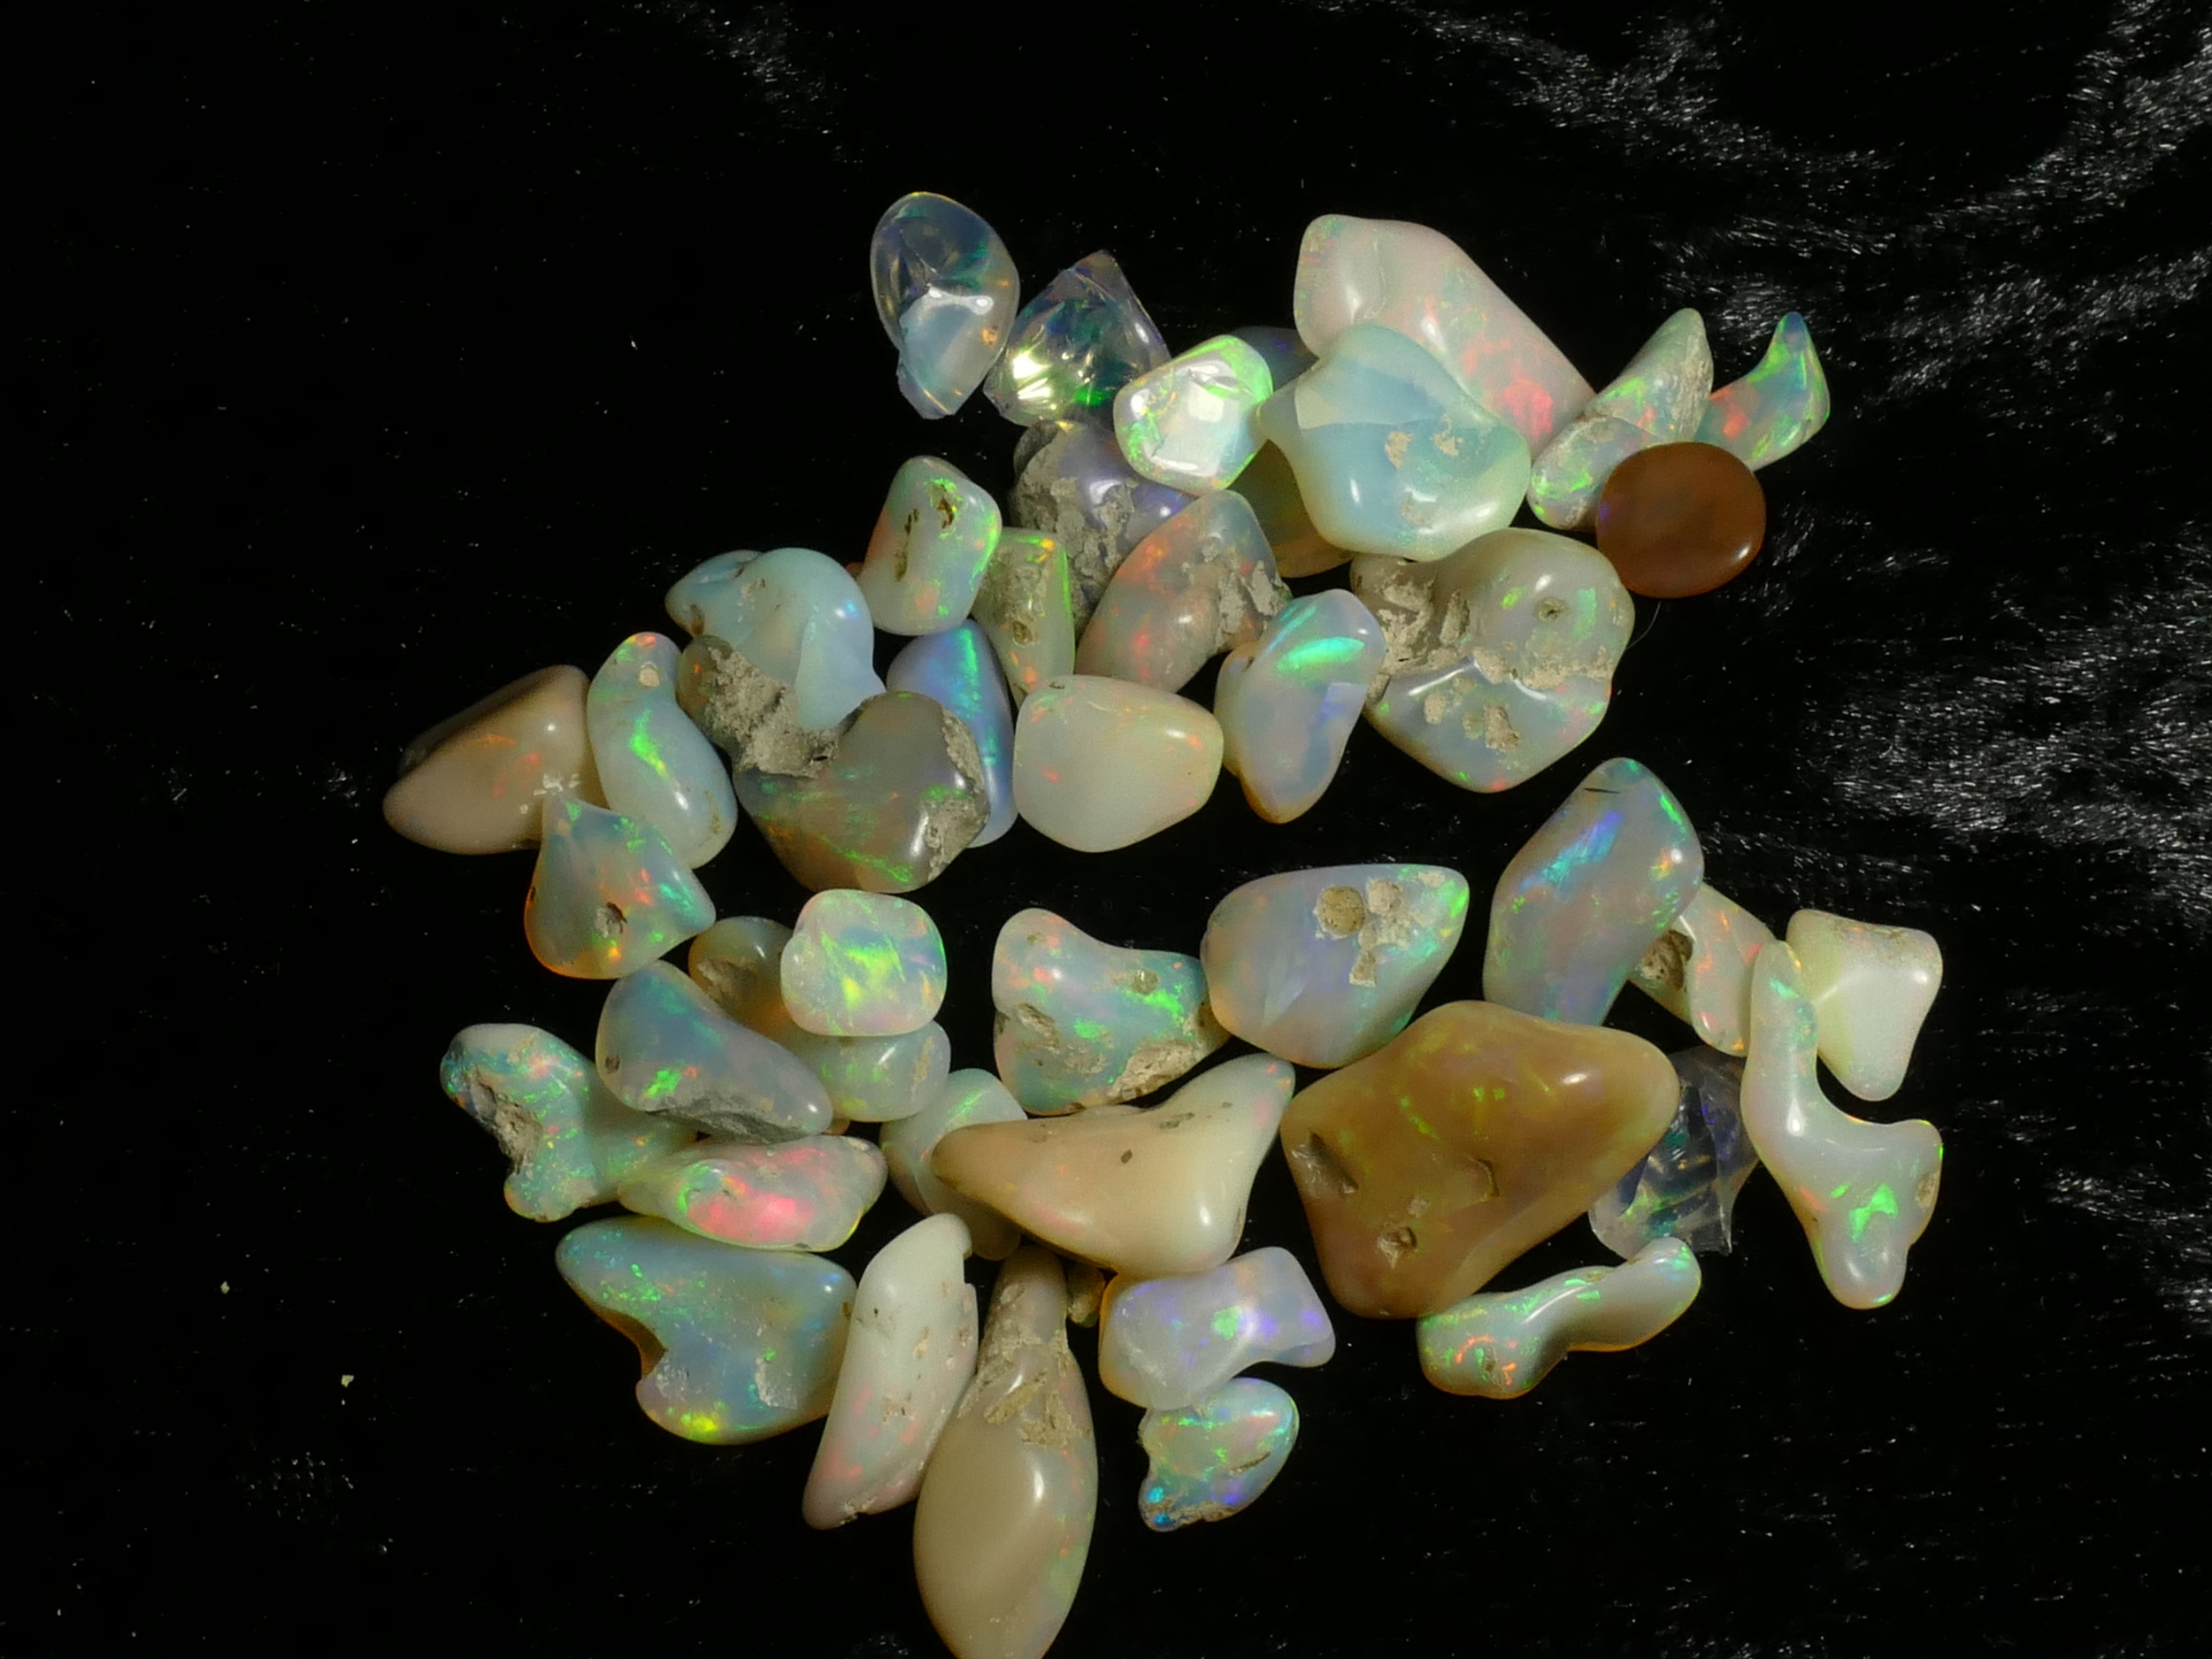 134carats Lot de 44 Opales polie roulée naturelle de Welo Ethiopie 21.4/8.8mm (#PB790)